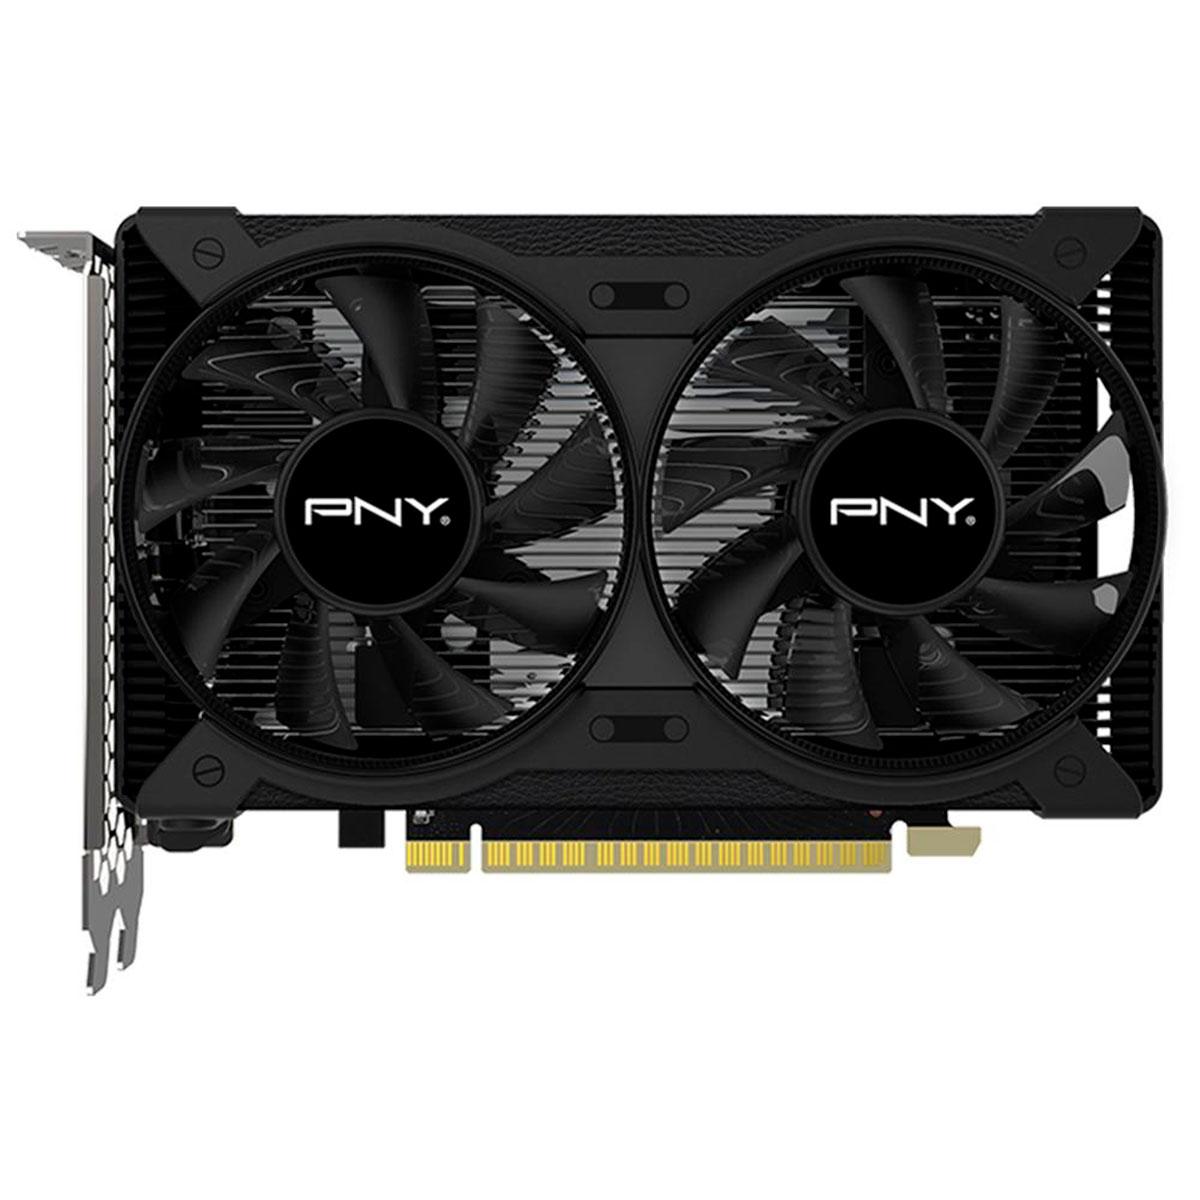 Placa de Vídeo PNY GTX 1650 4GB, Dual Fan, DDR6, 128 Bit,  HDMI, Display Port - VCG16504D6DFPPB